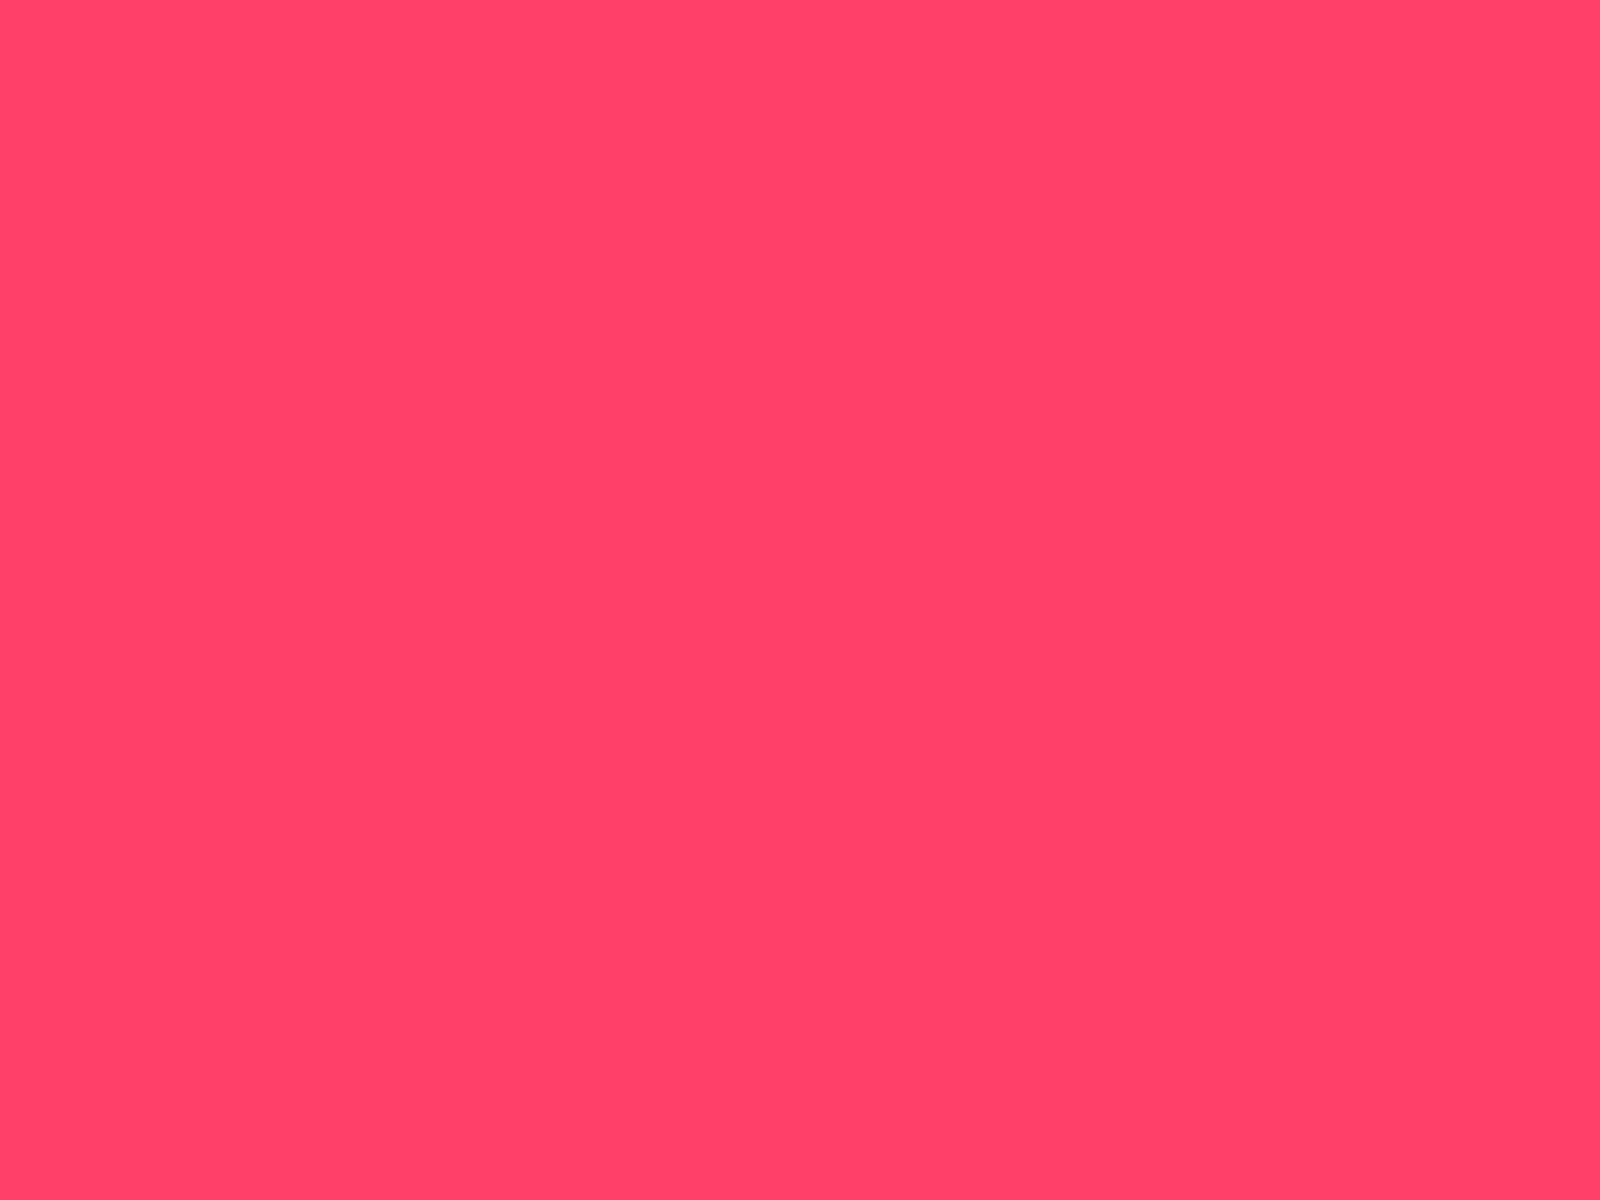 1600x1200 neon fuchsia solid color background